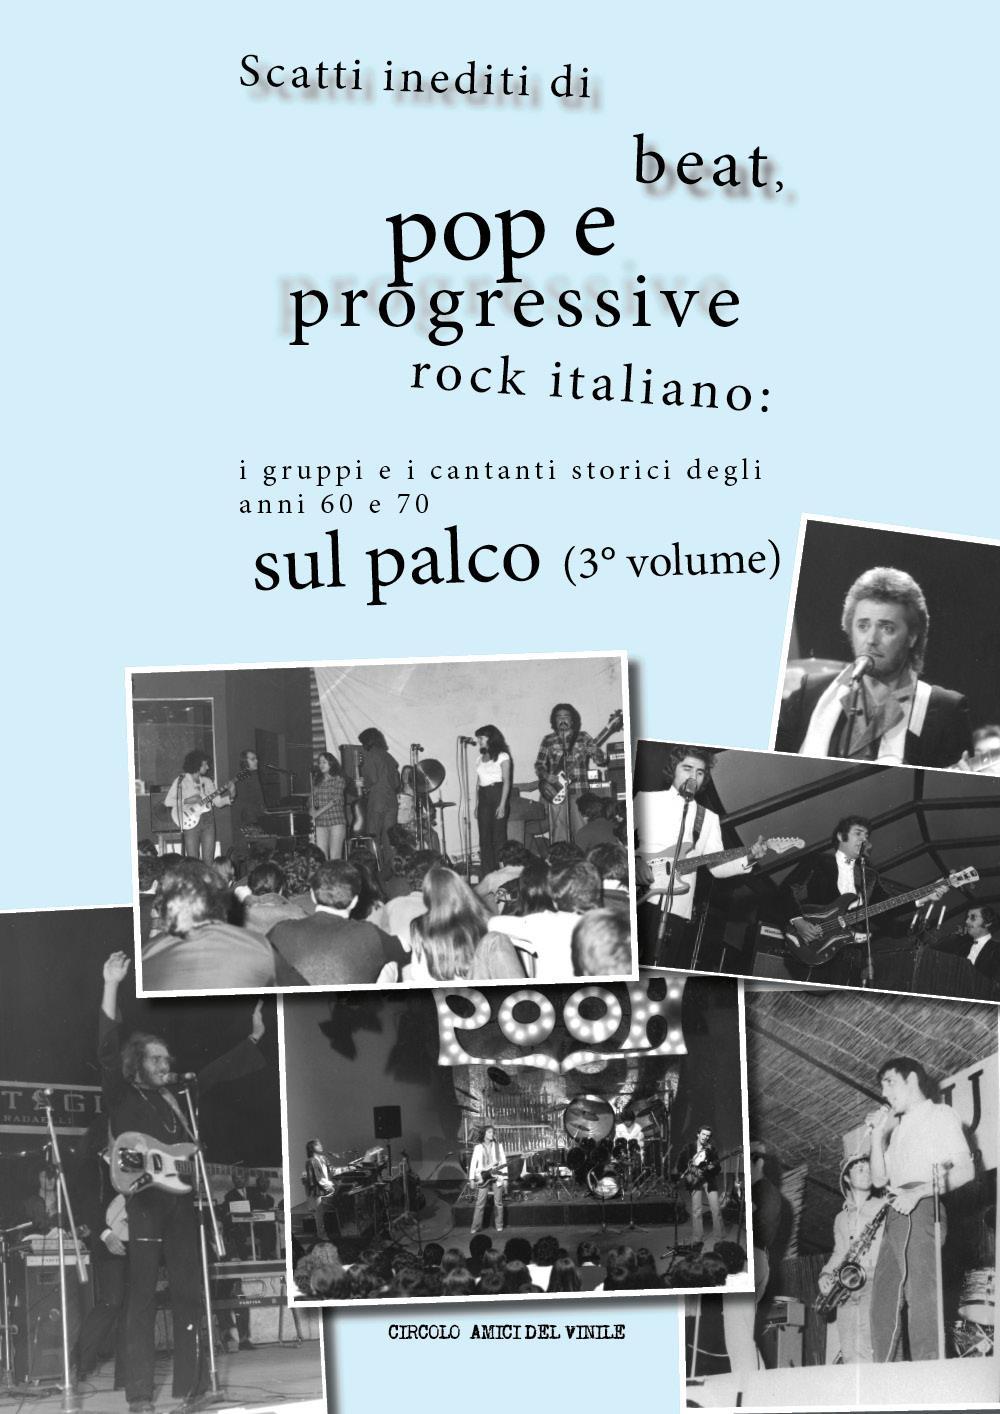 Scatti inediti di beat, pop e progressive rock italiano: i gruppi e i cantanti storici degli anni 60 e 70 sul palco (3° volume)